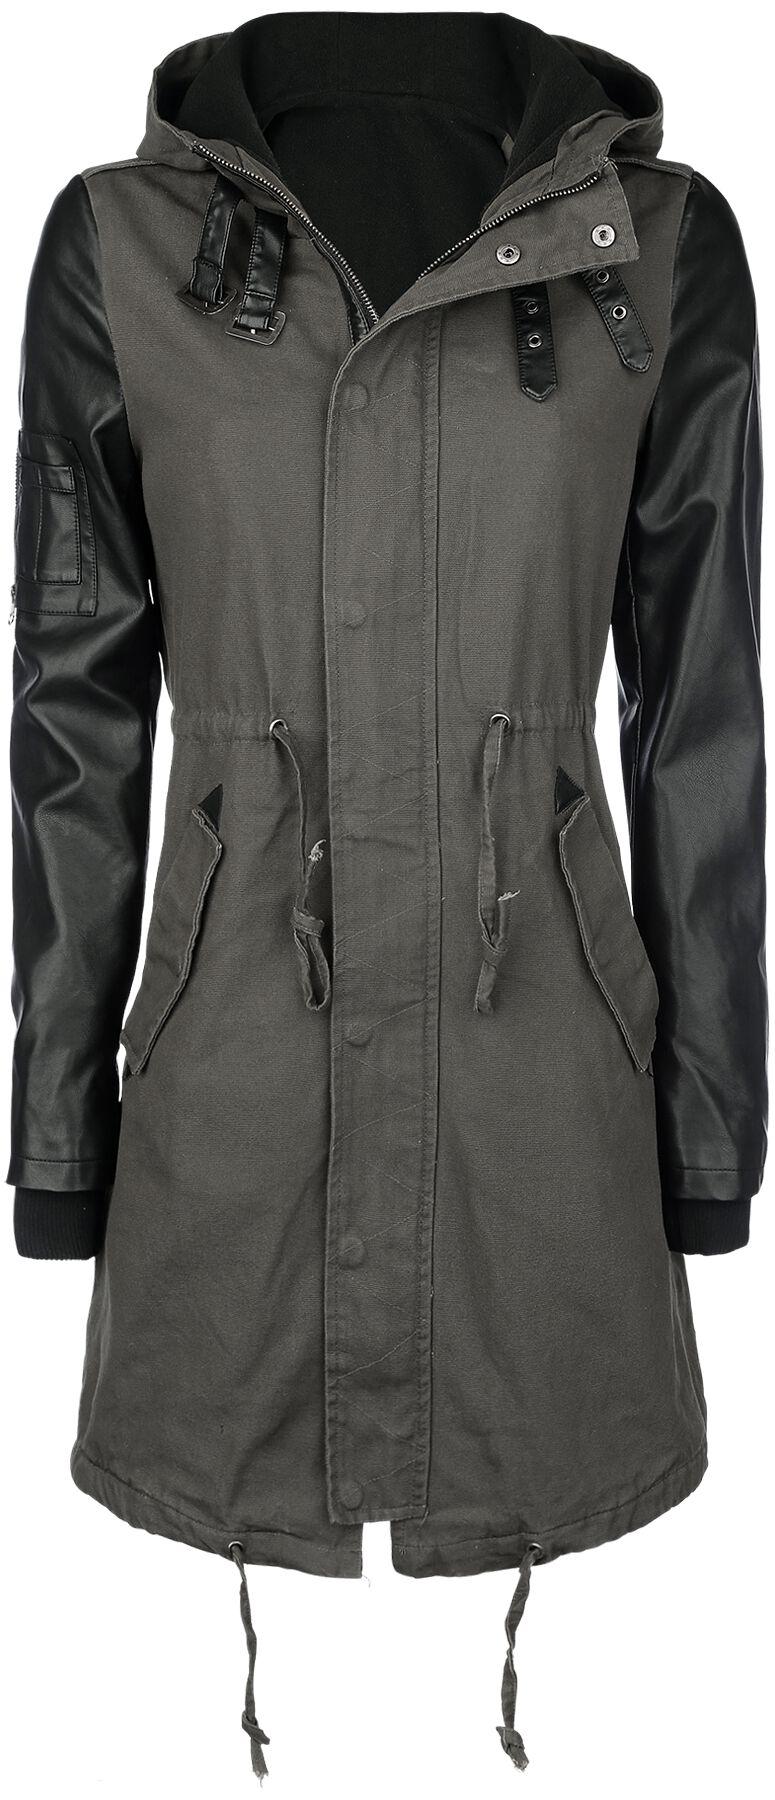 Forplay Imitation Leather Sleeves Army Jacket Kurtka damska oliwkowy/czarny